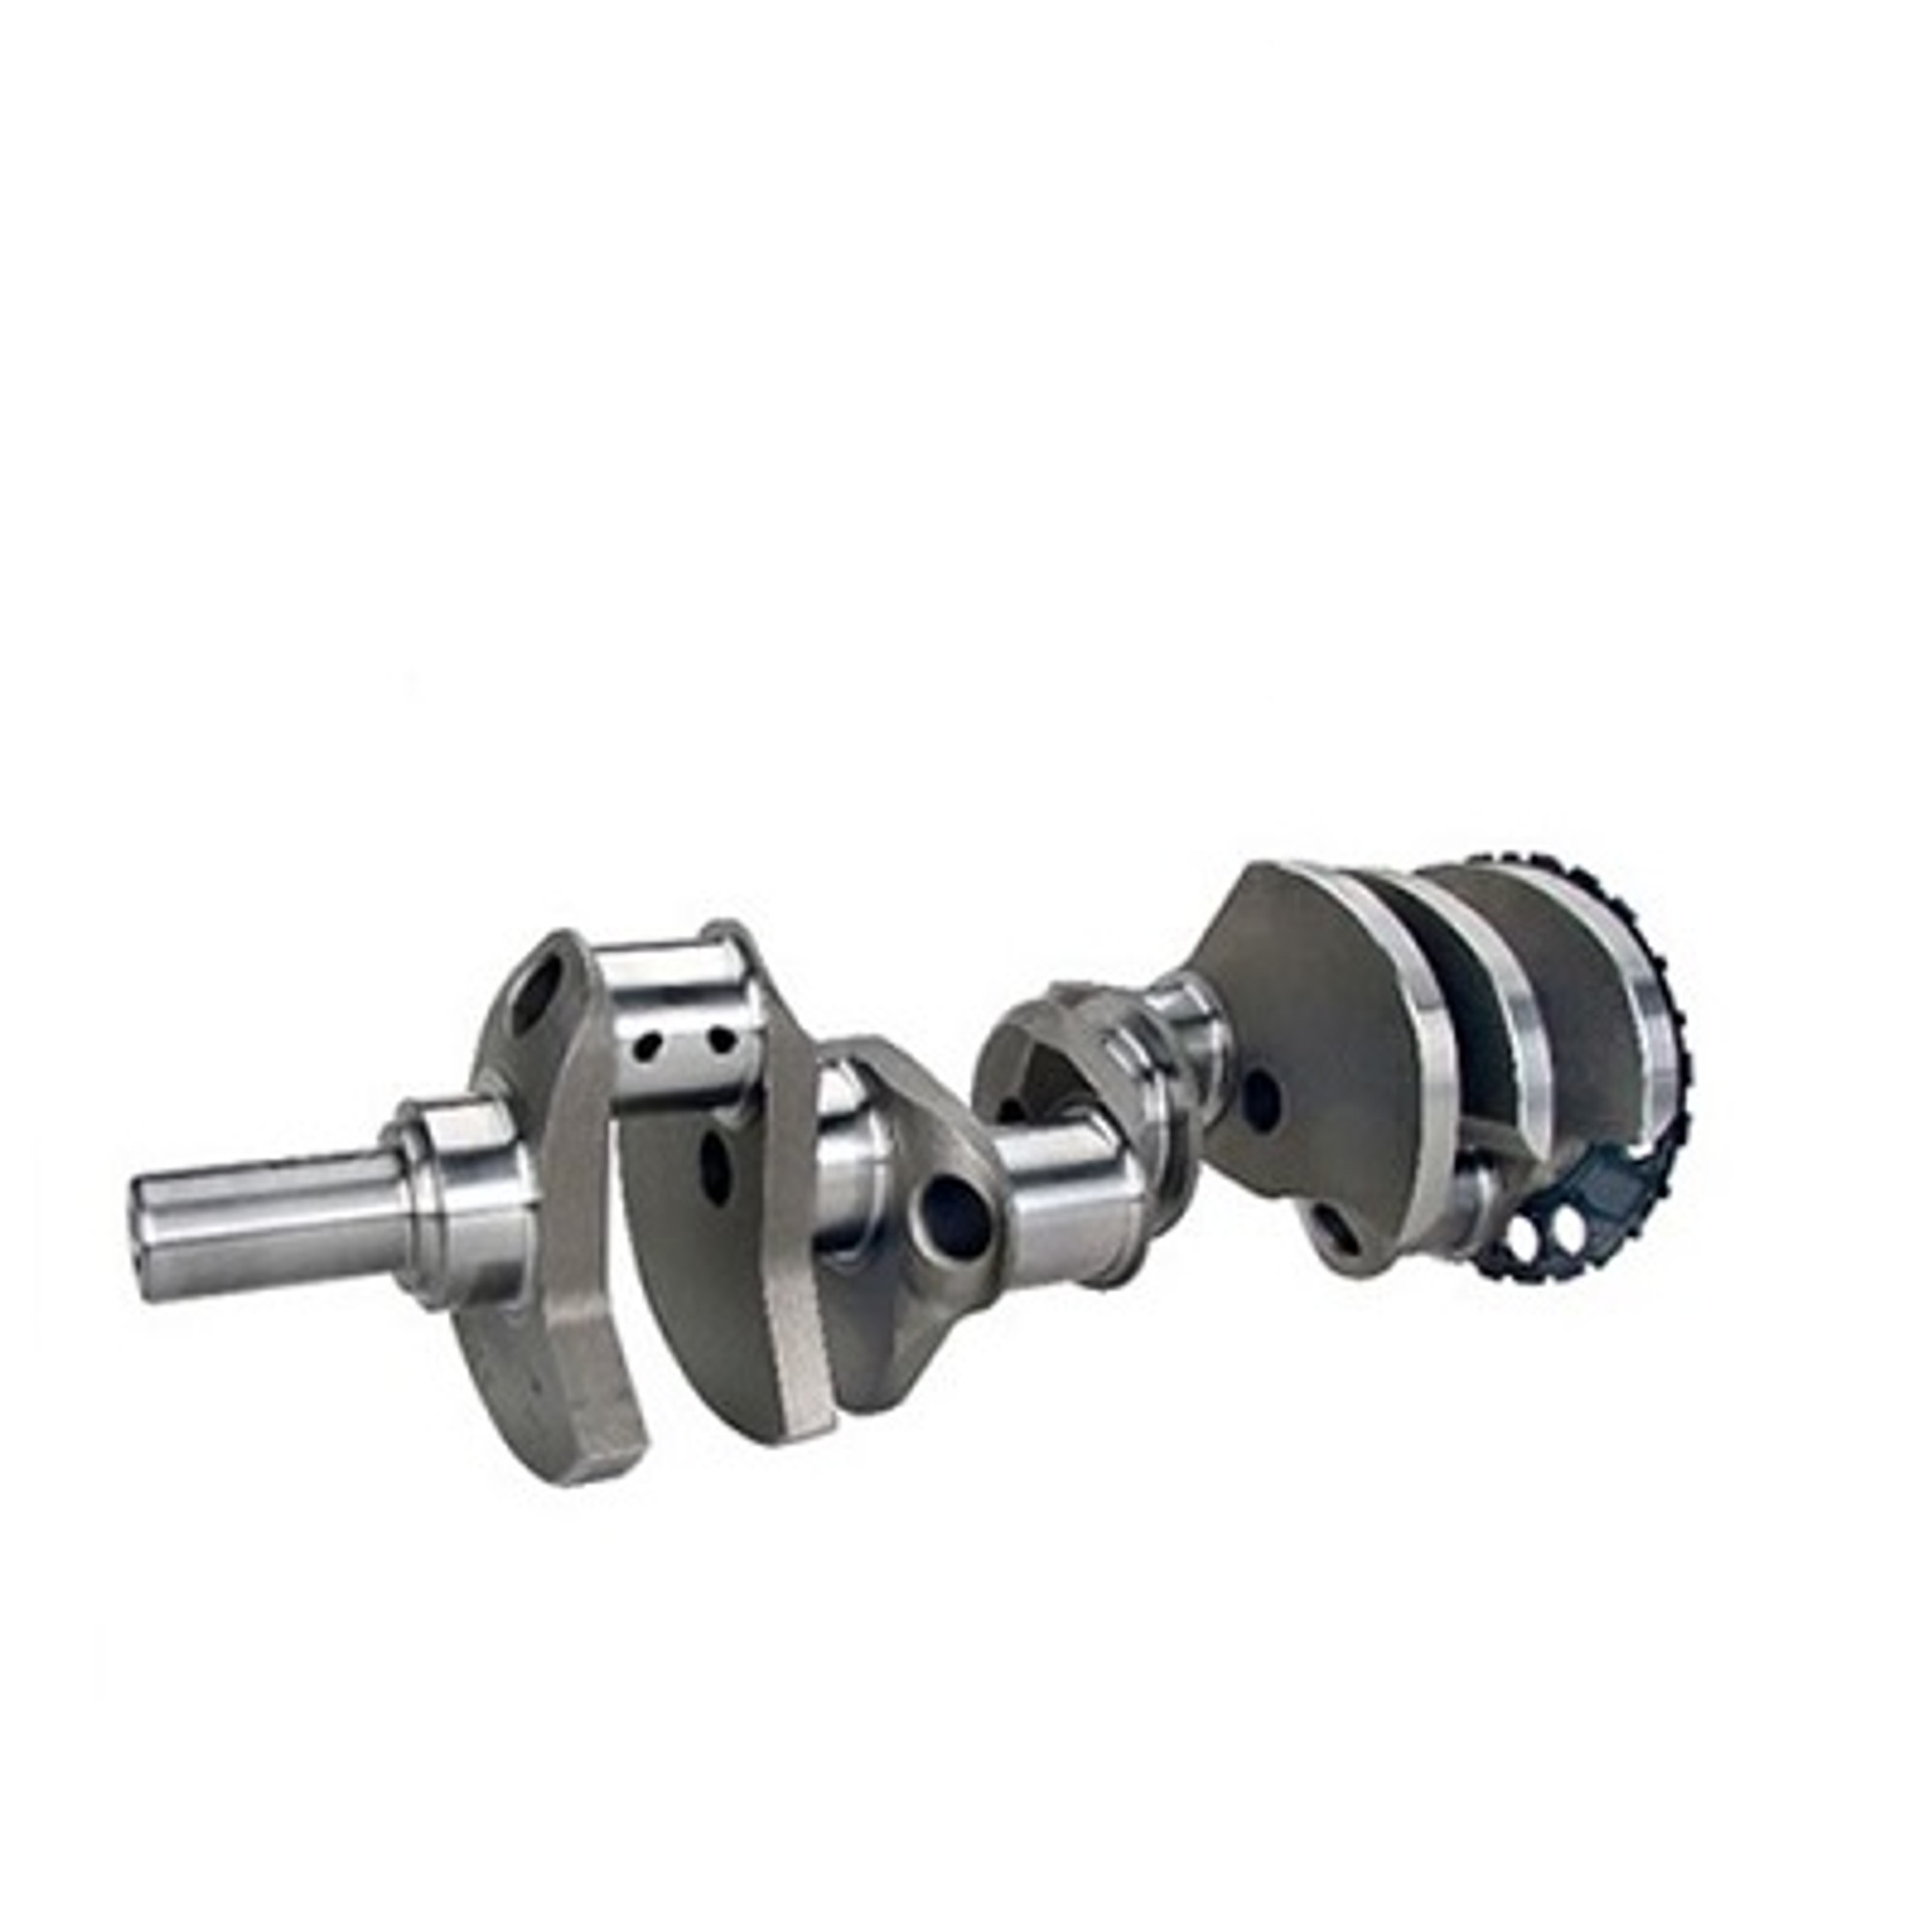 Lunati 60336221 Signature Series 3.622 Stroke Crankshaft w// 24X Reluctor for GM LS